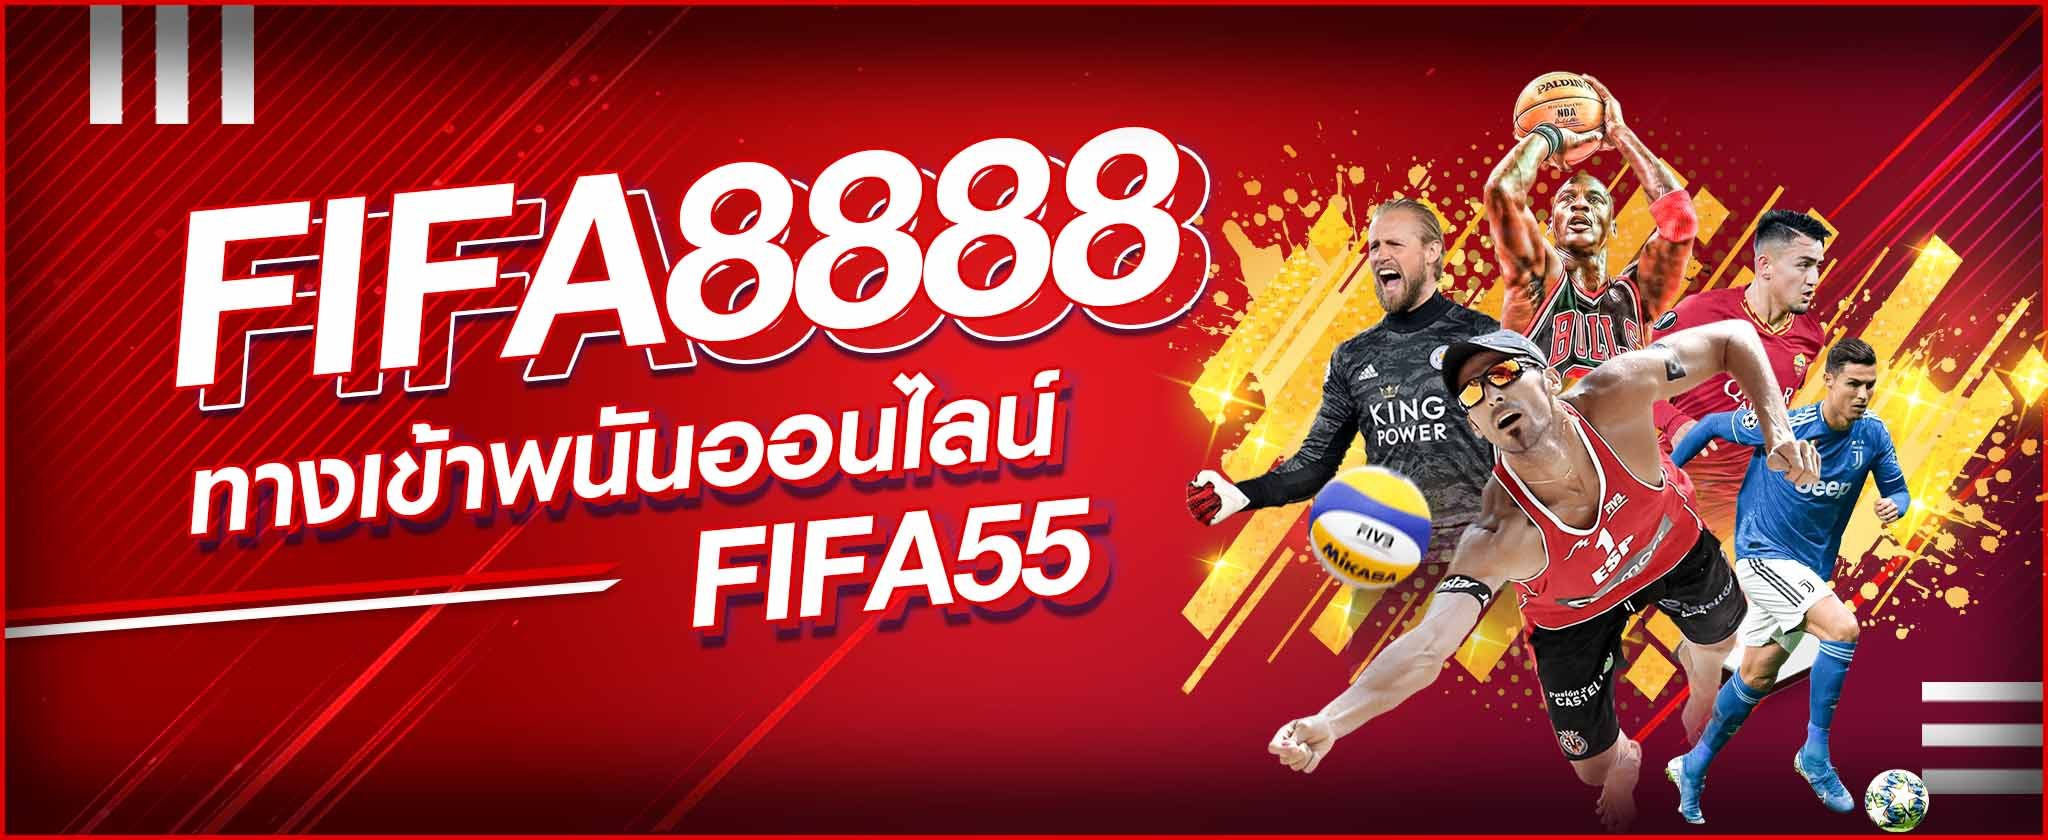 FIFA8888